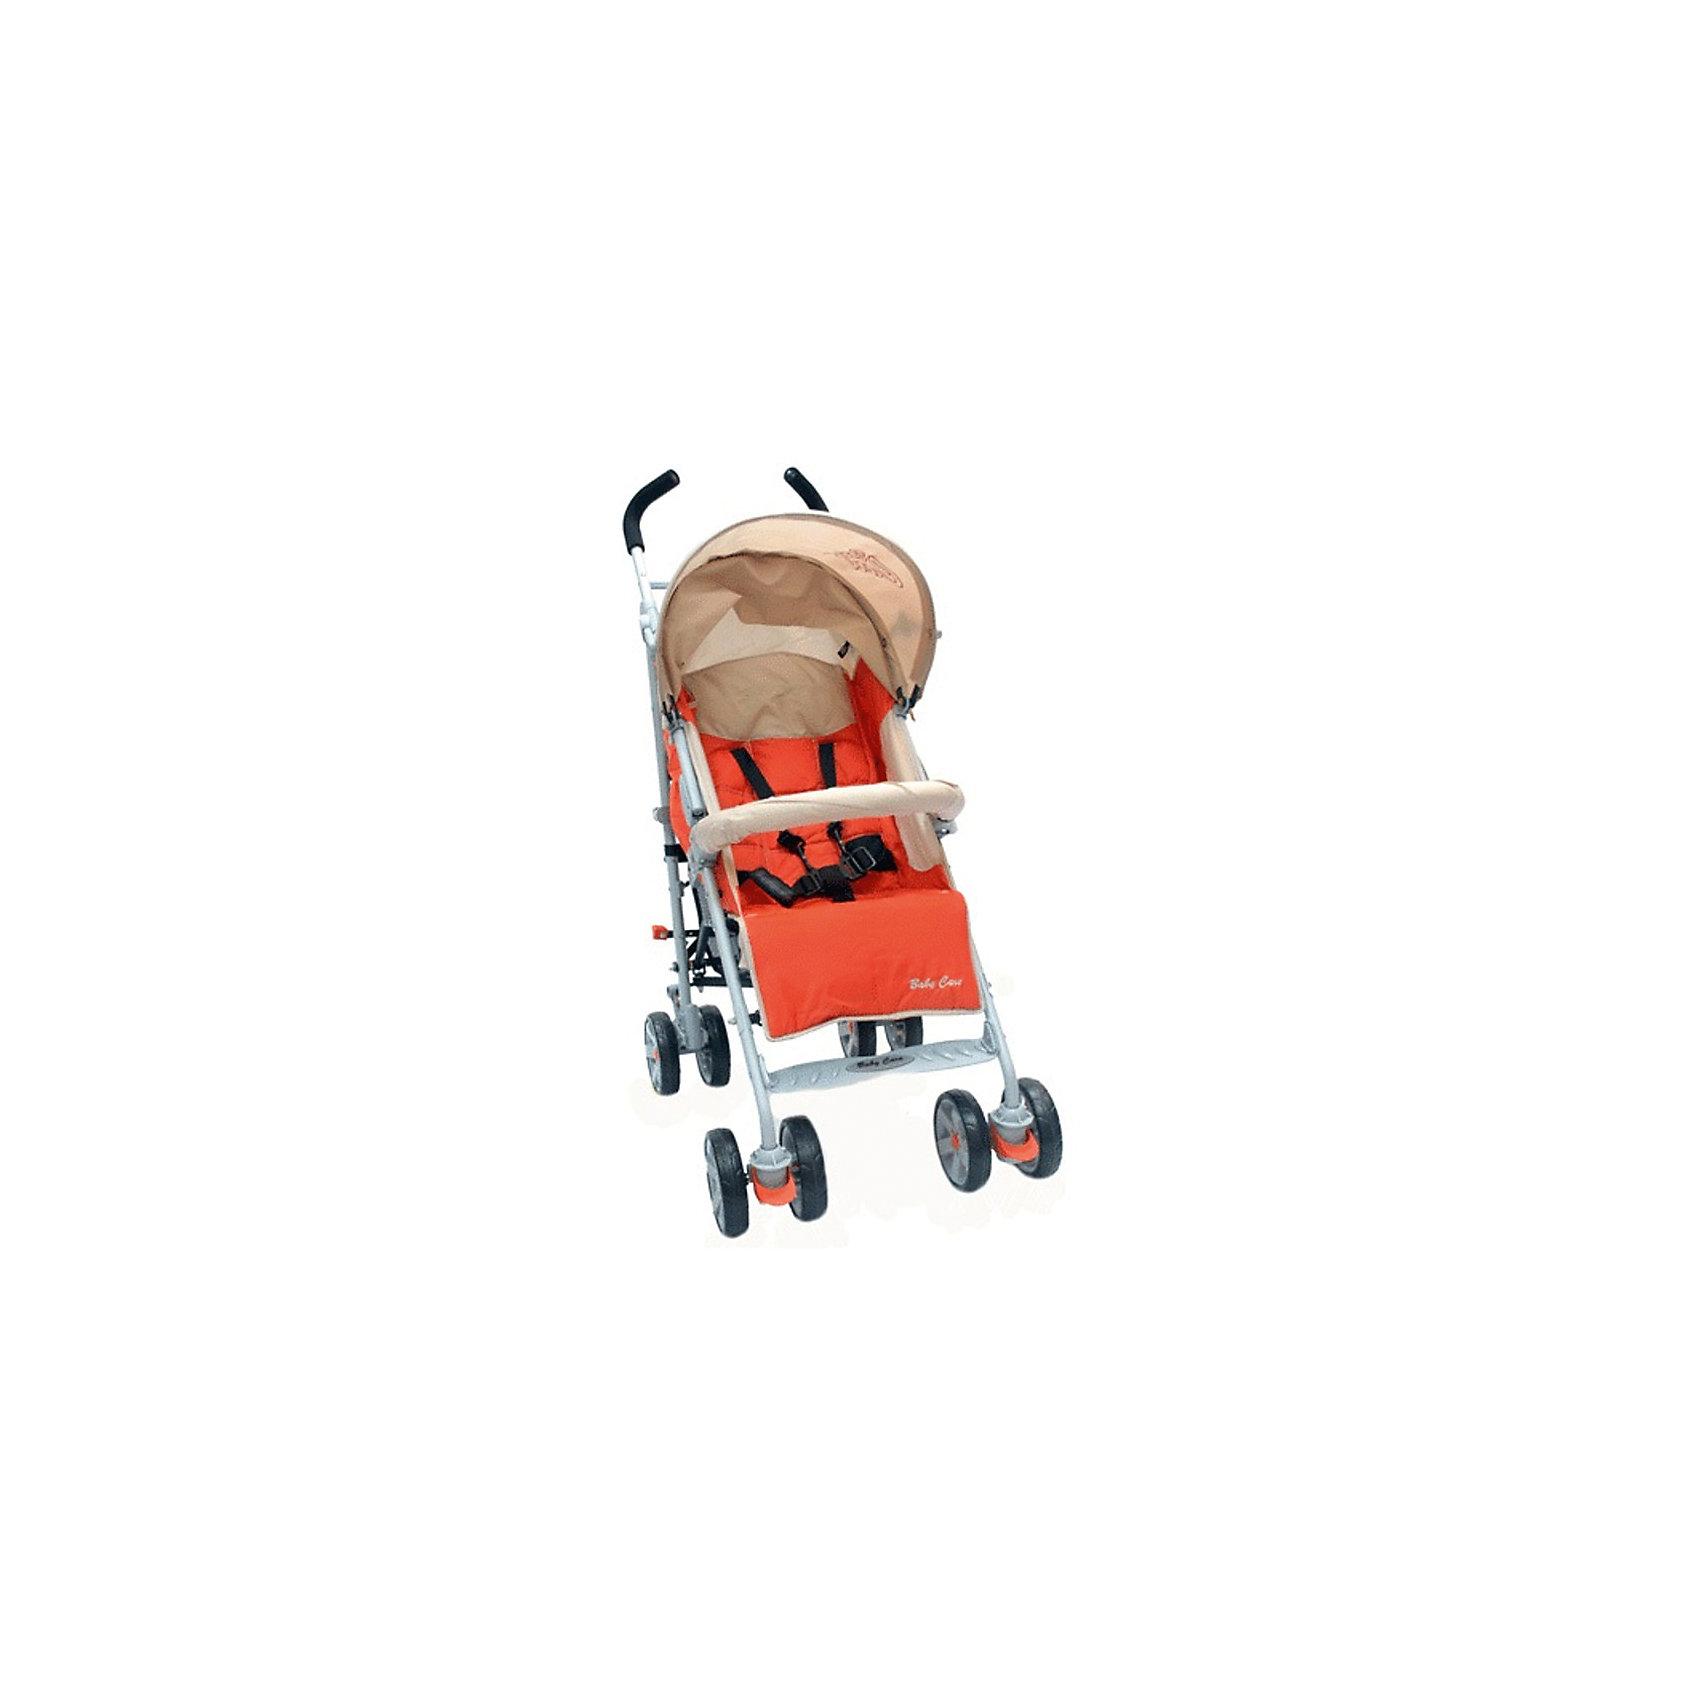 Коляска-трость Baby Care Polo 107, терракотовыйНедорогие коляски<br>Характеристики коляски-трости:<br><br>• спинка раскладывается почти до горизонтального положения, угол наклона 170 градусов;<br>• регулируемая подножка;<br>• 5-ти точечные ремни безопасности;<br>• съемный бампер с мягкой накладкой;<br>• капюшон опускается до бампера;<br>• чехол на ножки защищает ребенка в холодное время года;<br>• дождевик защищает от осадков;<br>• сдвоенные колеса из плотной резины;<br>• передние плавающие колеса с возможностью фиксации;<br>• стояночный тормоз на задней оси;<br>• механизм складывания: трость;<br>• материал рамы: алюминий. <br><br>Размер коляски: 51х80х107 см<br>Диаметр колес:15 см<br>Ширина колесной базы:51 см <br>Вес коляски: 8,5 кг <br>Длина спального места: 80 см<br>Ширина сиденья: 33 см<br>Высота спинки: 52 см <br>Высота до ручки: 107 см<br>Размер упаковки: 108х30х20 см<br>Вес в упаковке: 9,8 кг<br><br>Коляска Baby Care Polo подходит для городских прогулок и для выездов на природу. Хороший вариант «походной» коляски. В сложенном виде не занимает много места в транспорте. Коляска достаточно проходима, чтобы ездить и по асфальту, и по траве. Кроме этого, весь прочий функционал тростей доступен и в этой модели. Спинка раскладывается до лежачего положения, подножка регулируется по высоте, а капюшон может опускаться до бампера.<br><br>Коляску-трость Polo 107, Baby Care, цвет терракотовый можно купить в нашем интернет-магазине.<br><br>Ширина мм: 1080<br>Глубина мм: 300<br>Высота мм: 200<br>Вес г: 9800<br>Возраст от месяцев: 6<br>Возраст до месяцев: 48<br>Пол: Унисекс<br>Возраст: Детский<br>SKU: 5513644